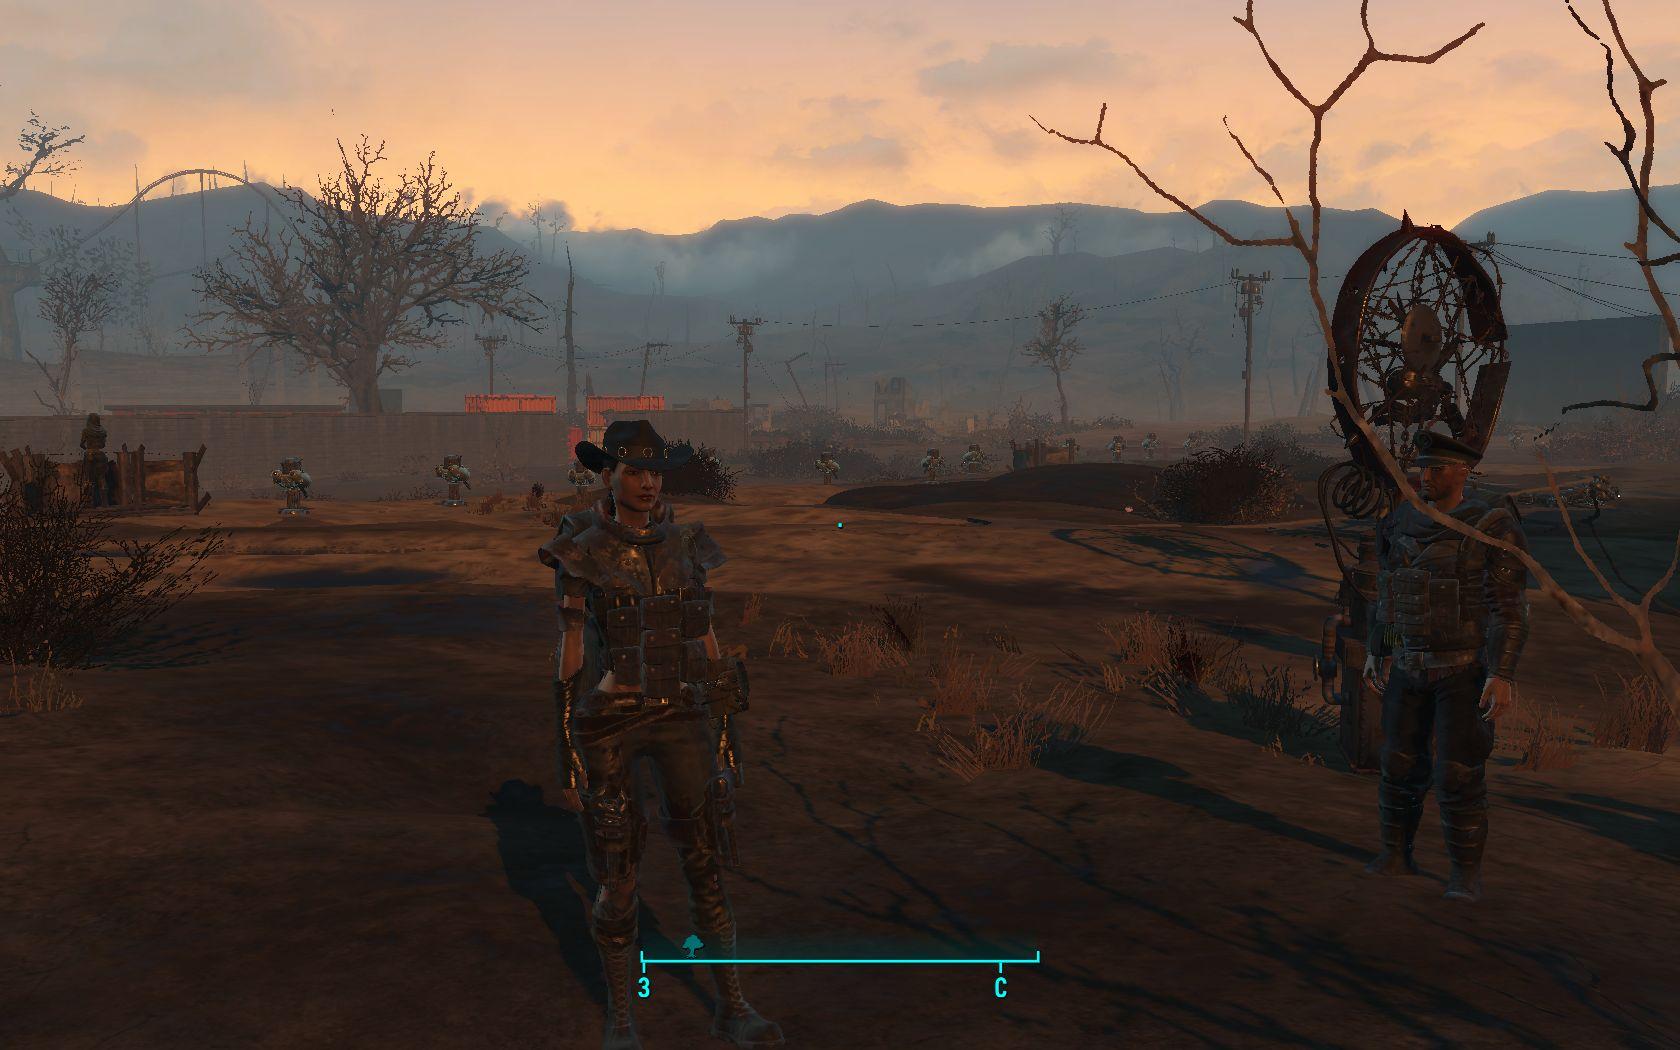 Овербосс - Fallout 4